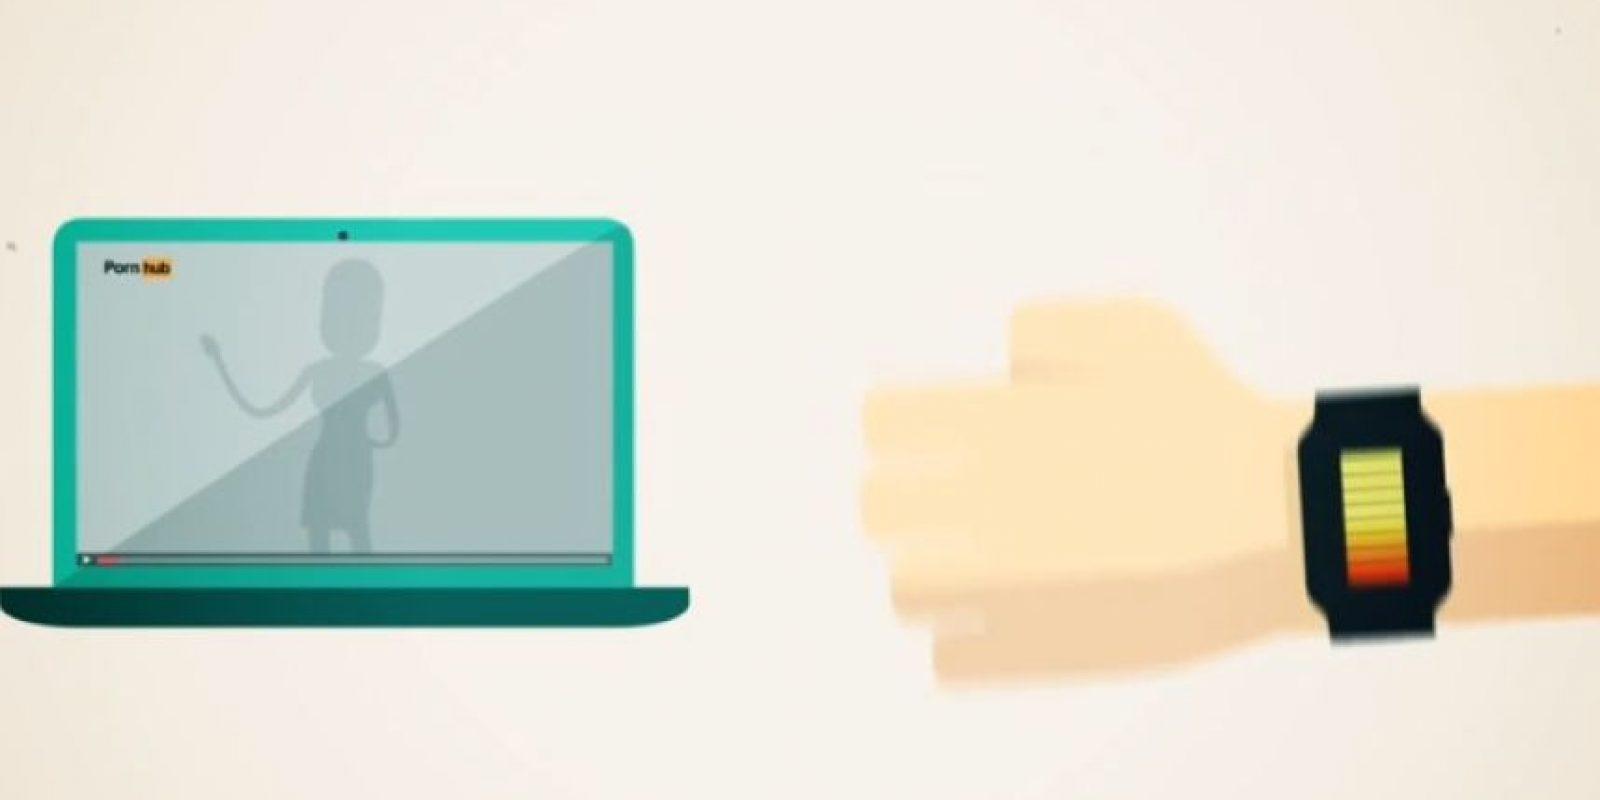 """""""PornHub"""" considera que los momentos viendo porno podrán ser más productivos con este gadget Foto:YouTube/wankband"""